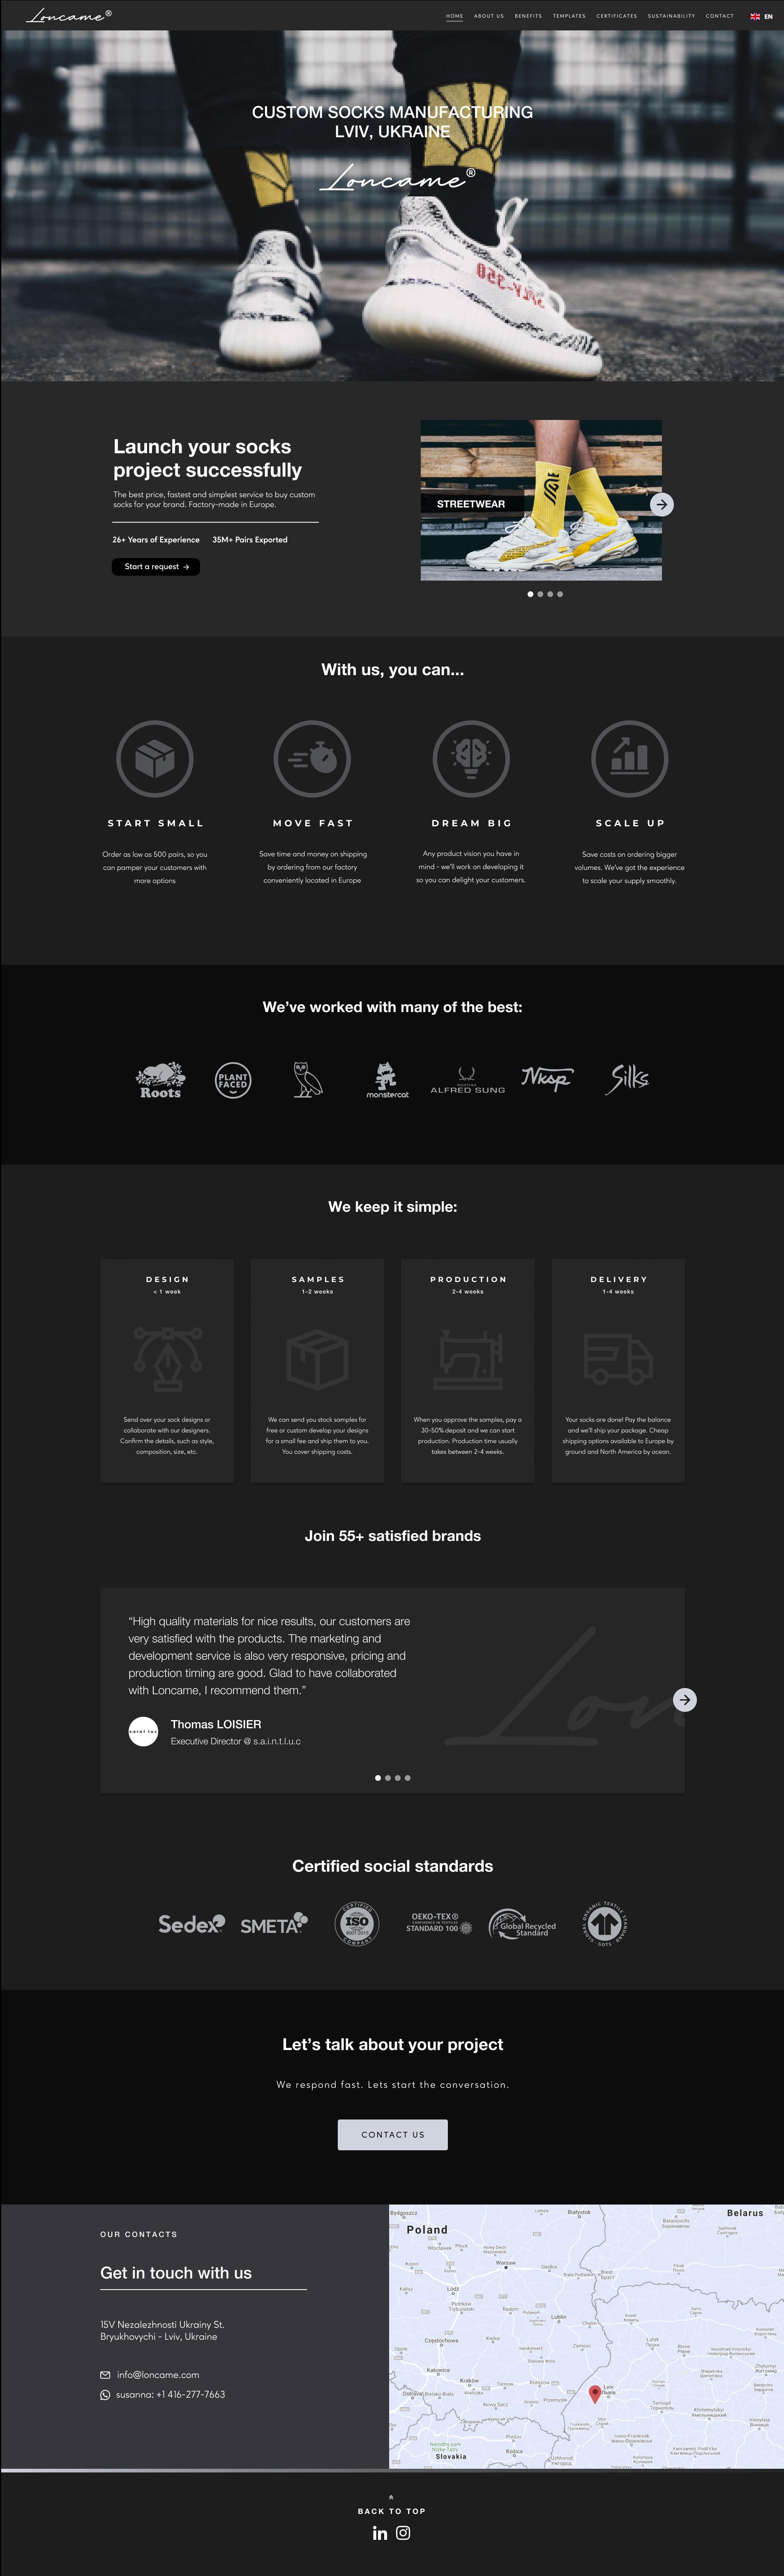 Website Design of Loncame